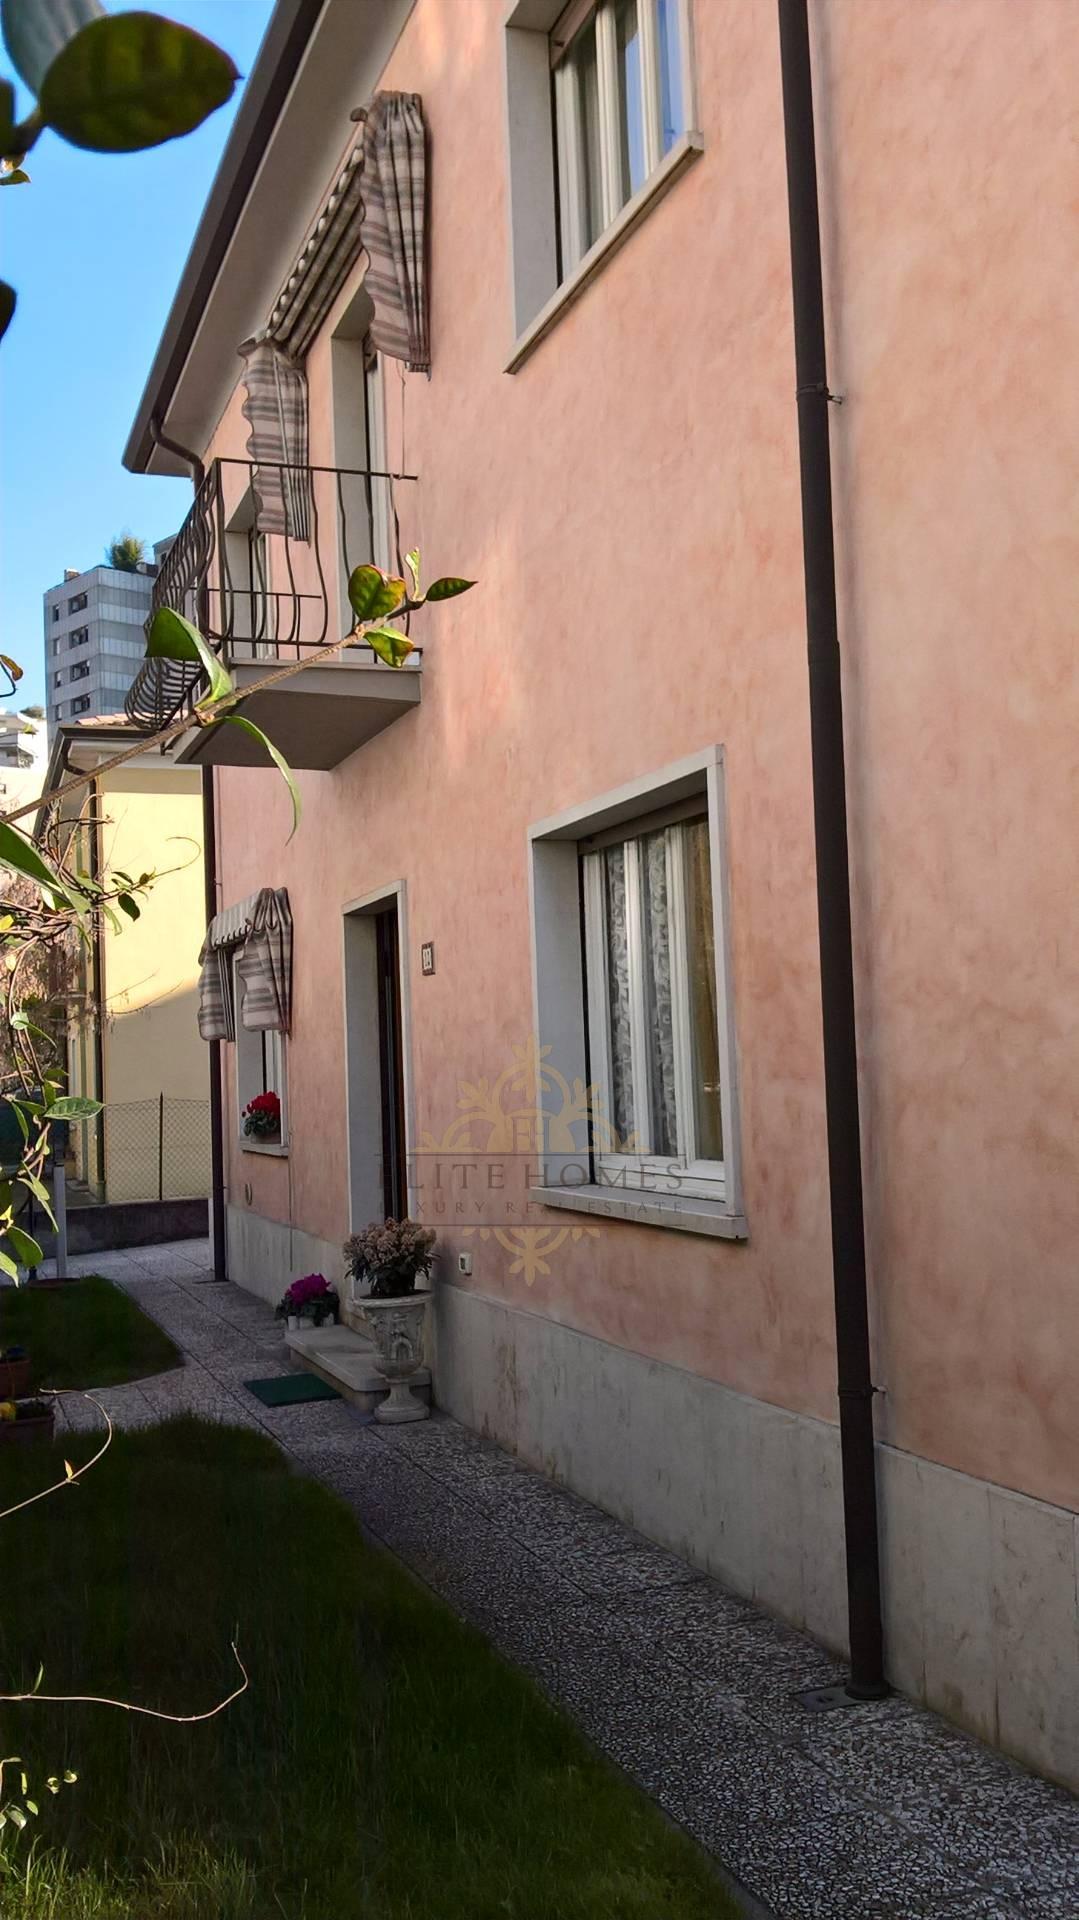 Soluzione Indipendente in vendita a Verona, 10 locali, zona Zona: 4 . Saval - Borgo Milano - Chievo, prezzo € 395.000 | Cambio Casa.it